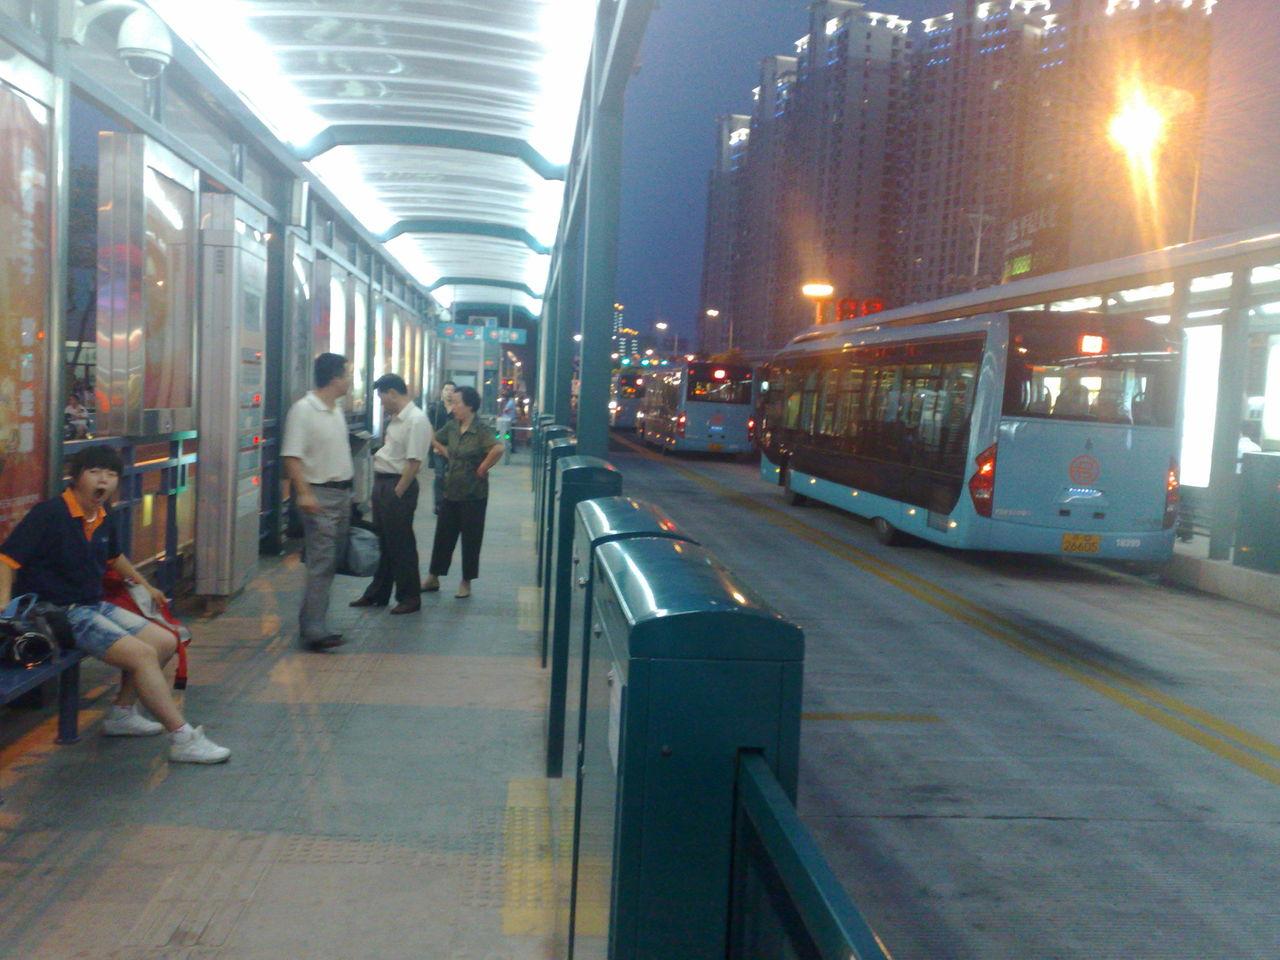 洛阳公交车也太破了吧 什么中部大城市 脸面就这样 洛阳高清图片